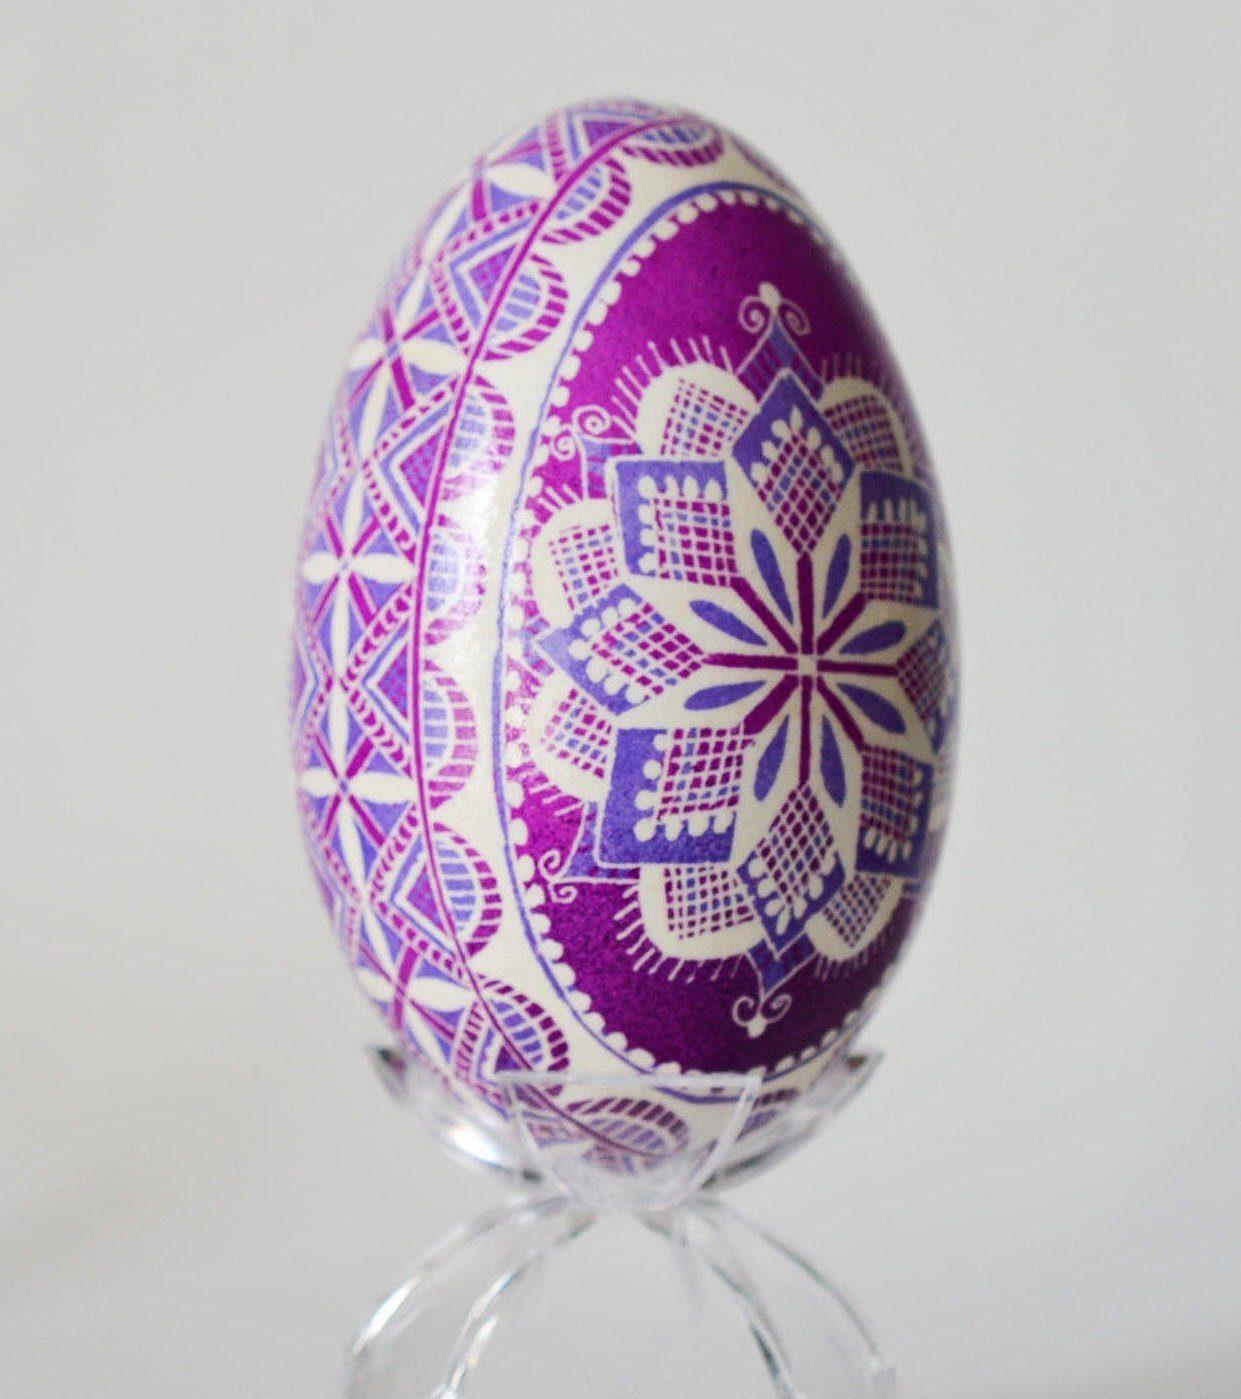 Goose egg Pysanka easter egg, Amethyst gift for February birthdays